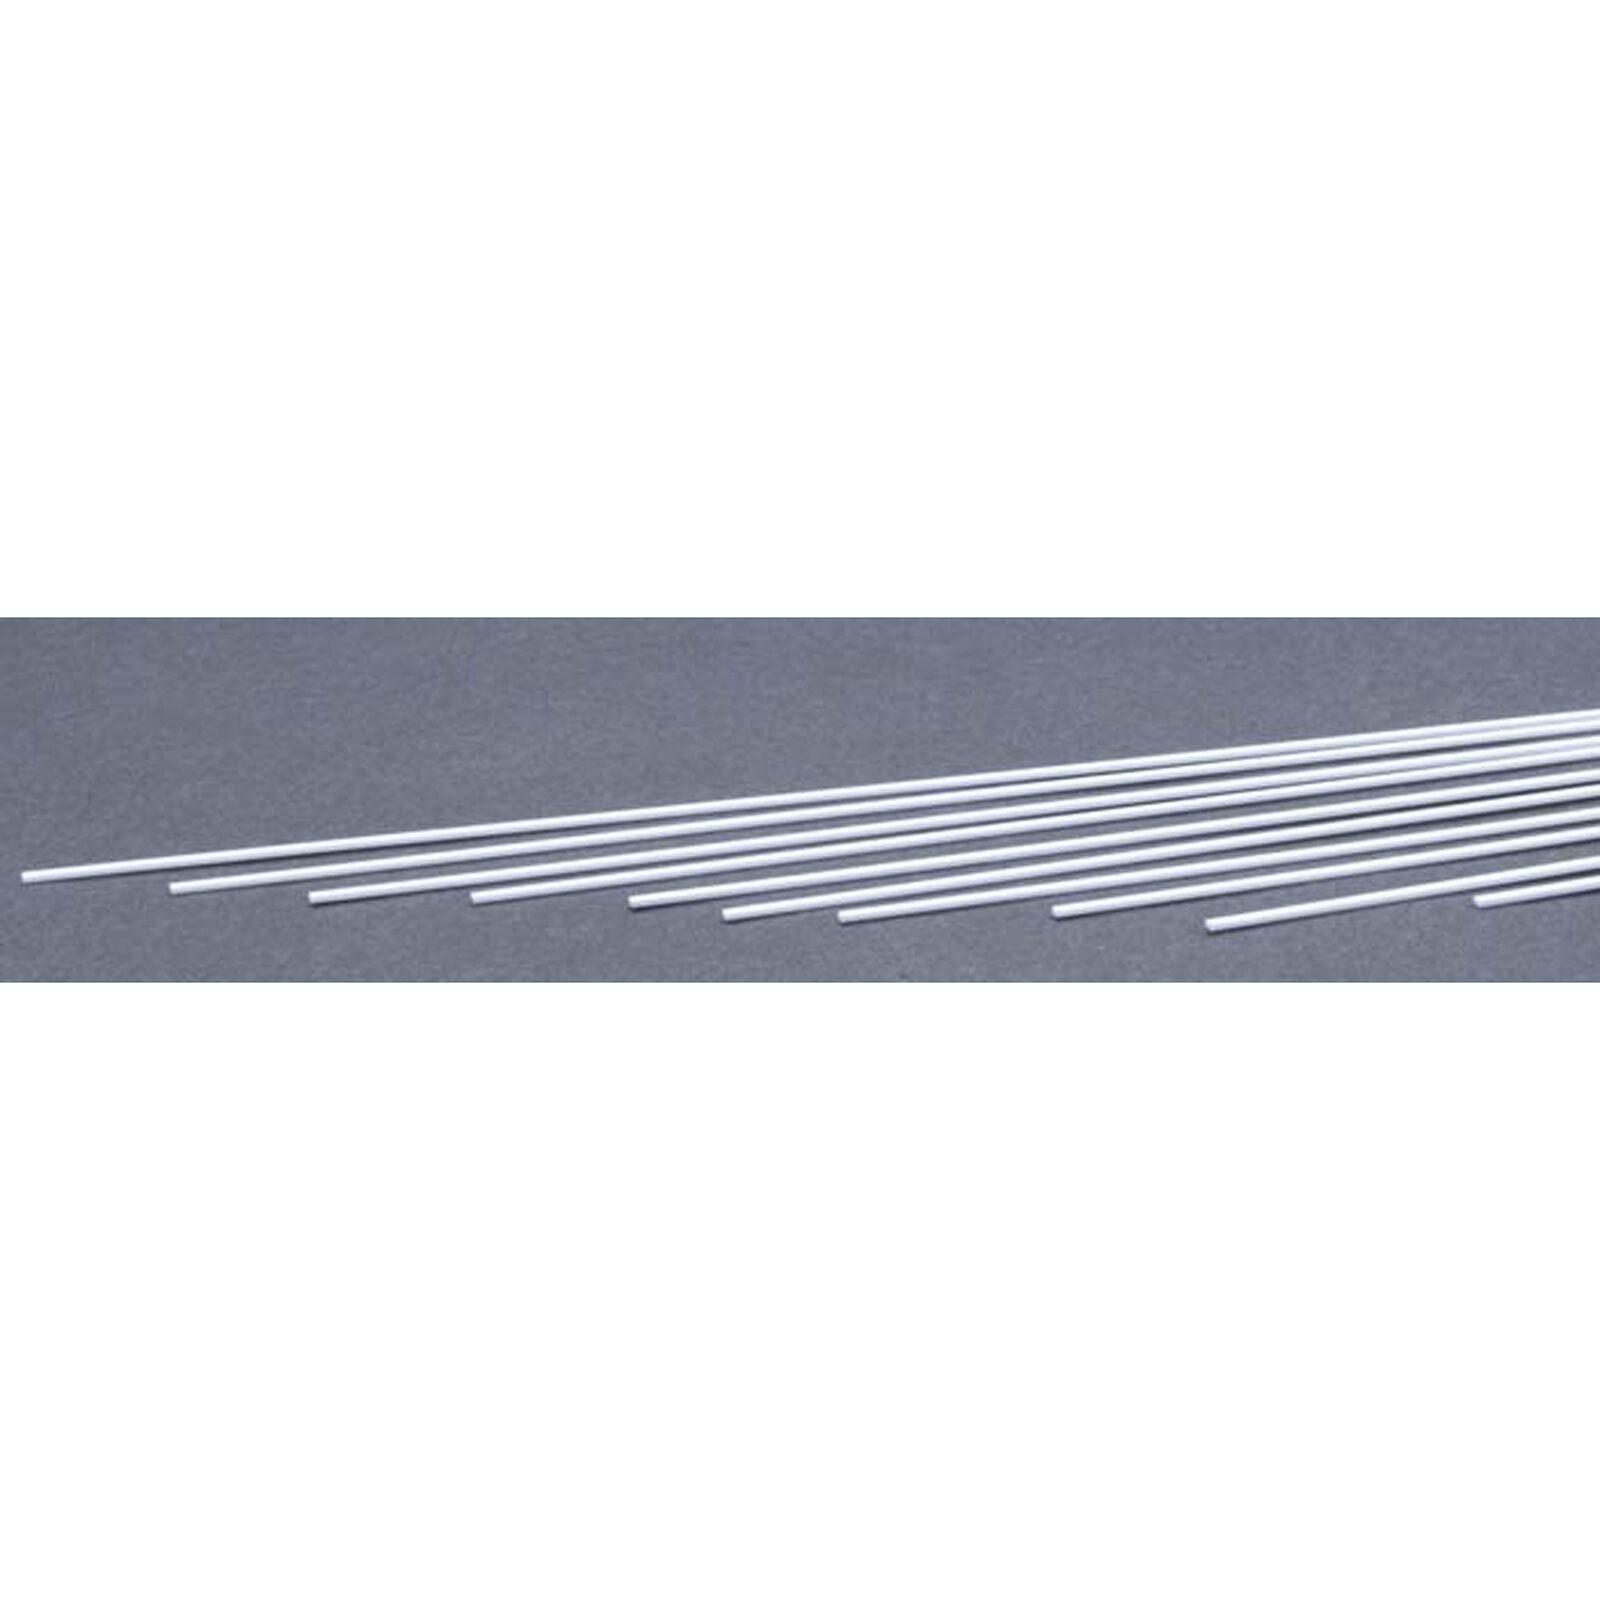 Strip .030 x .060 (10)